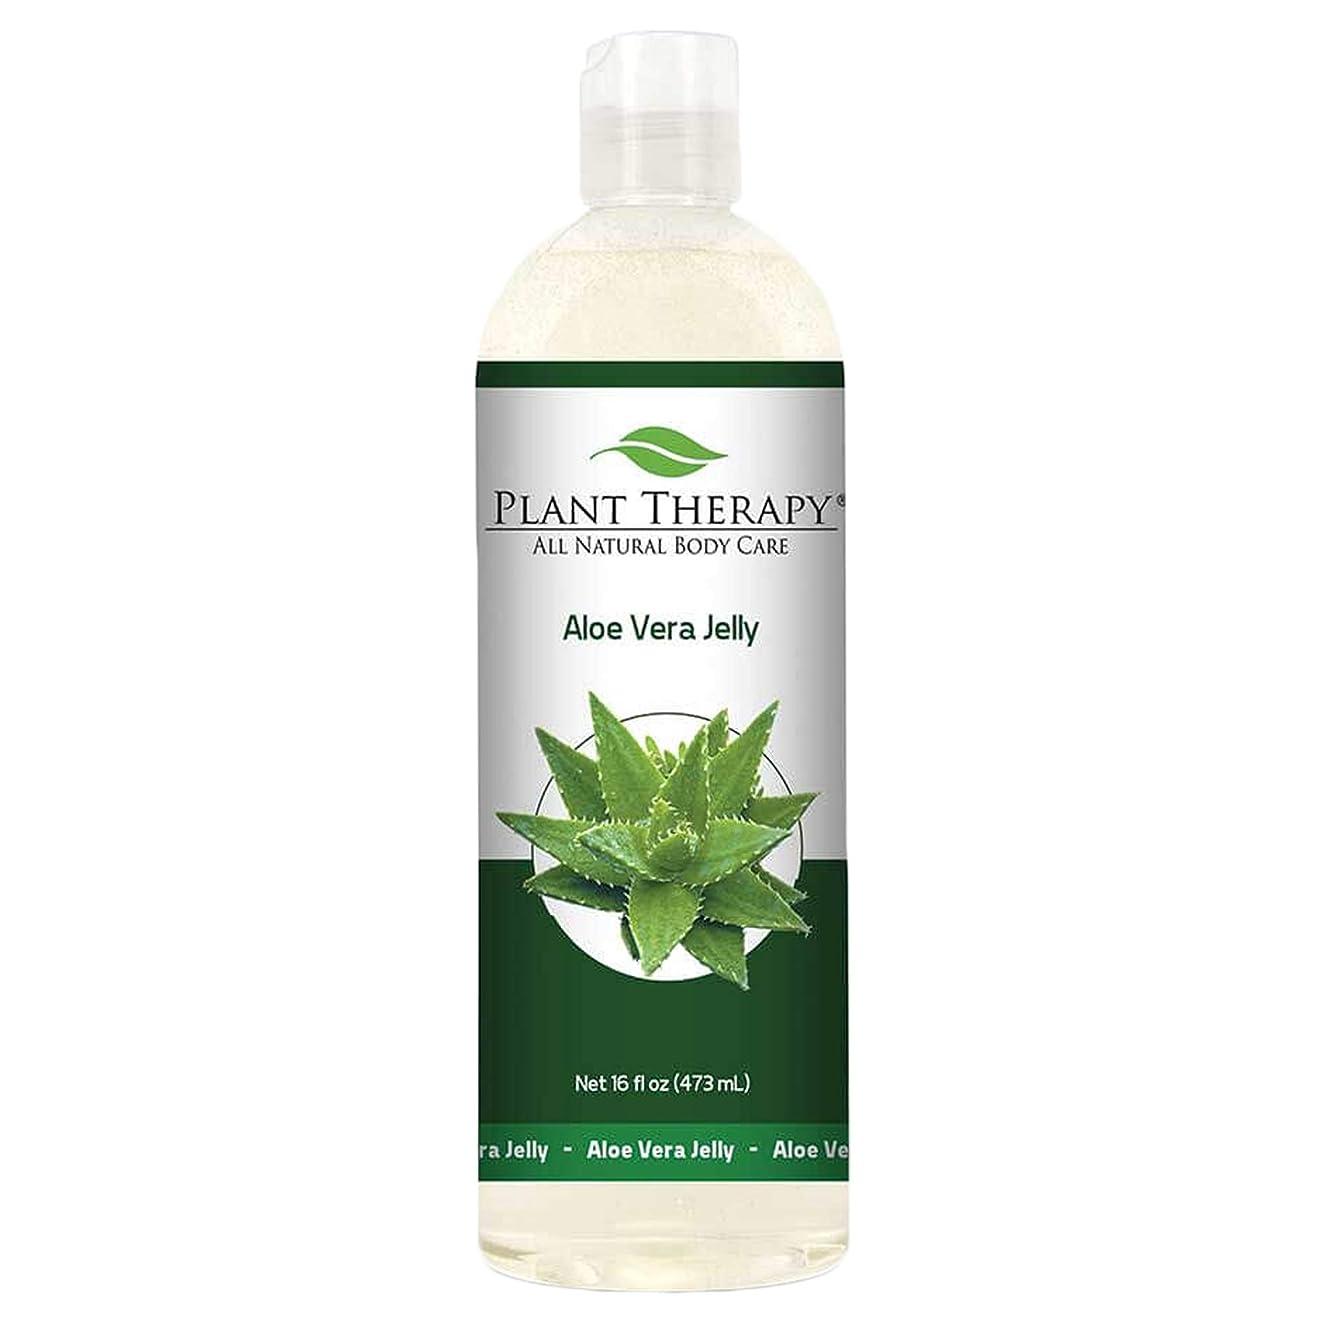 ベリ不道徳スポーツをする植物セラピーアロエベラアロマゼリー。すべての自然、無香料ベース。 16オンス。